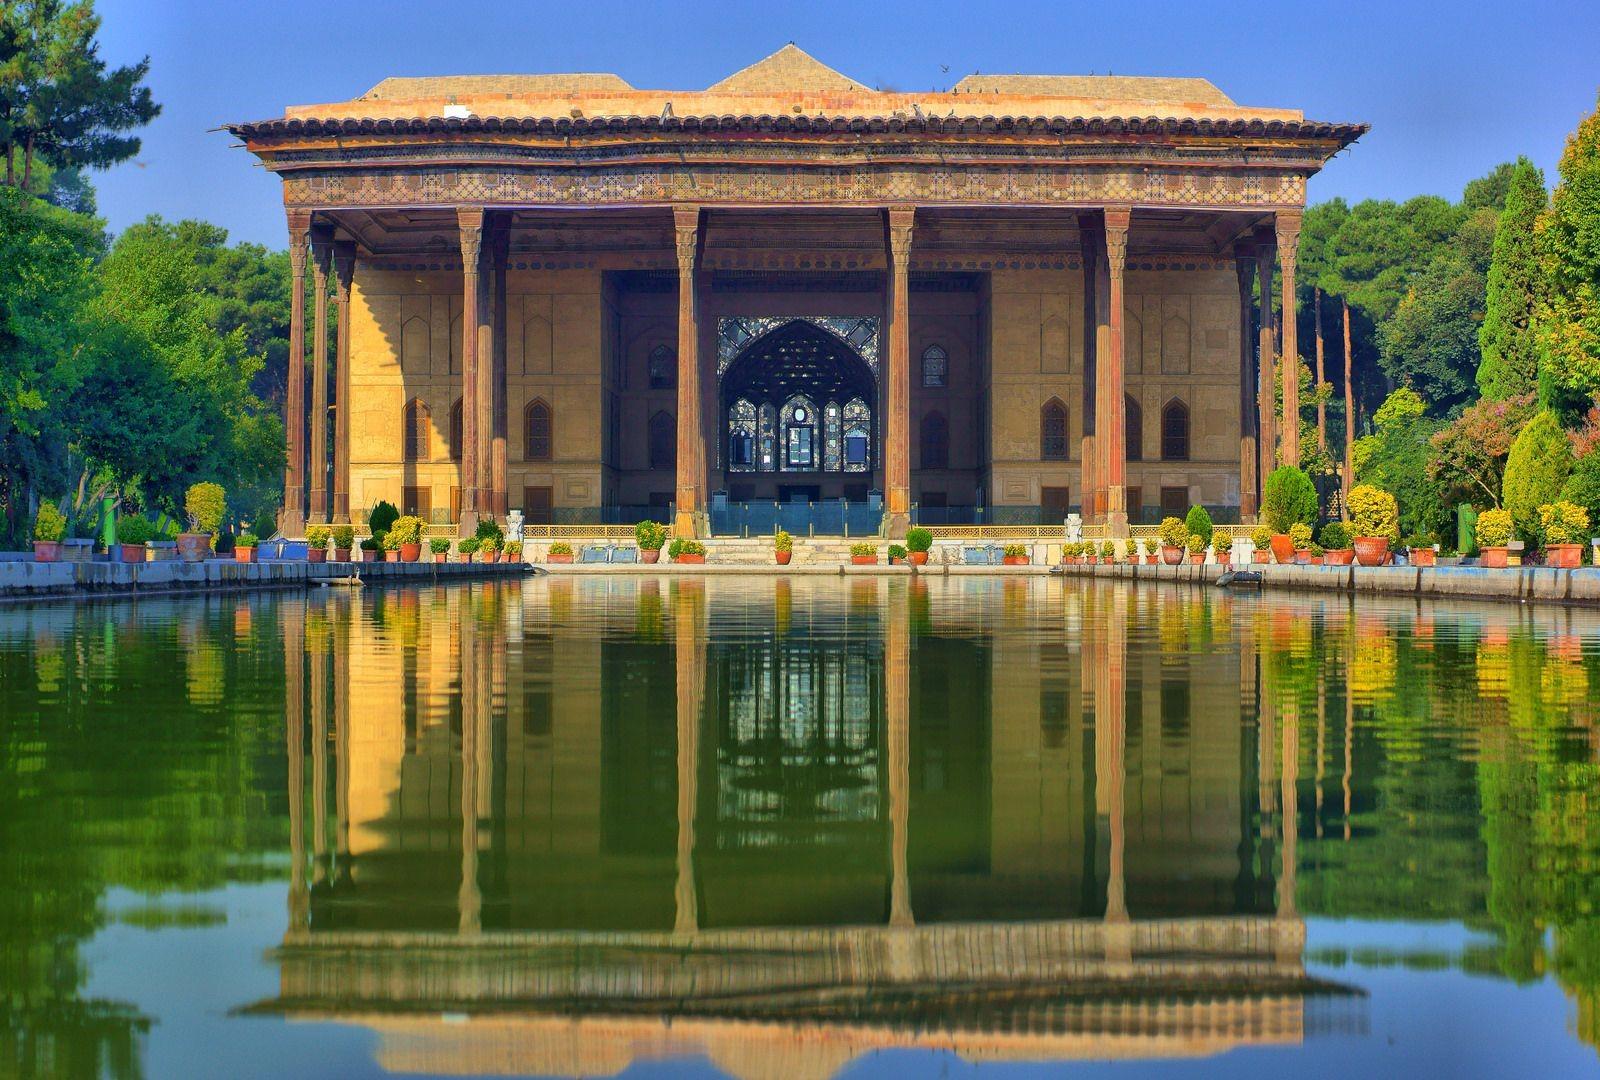 جاذبه های گردشگری پر طرفدار اصفهان